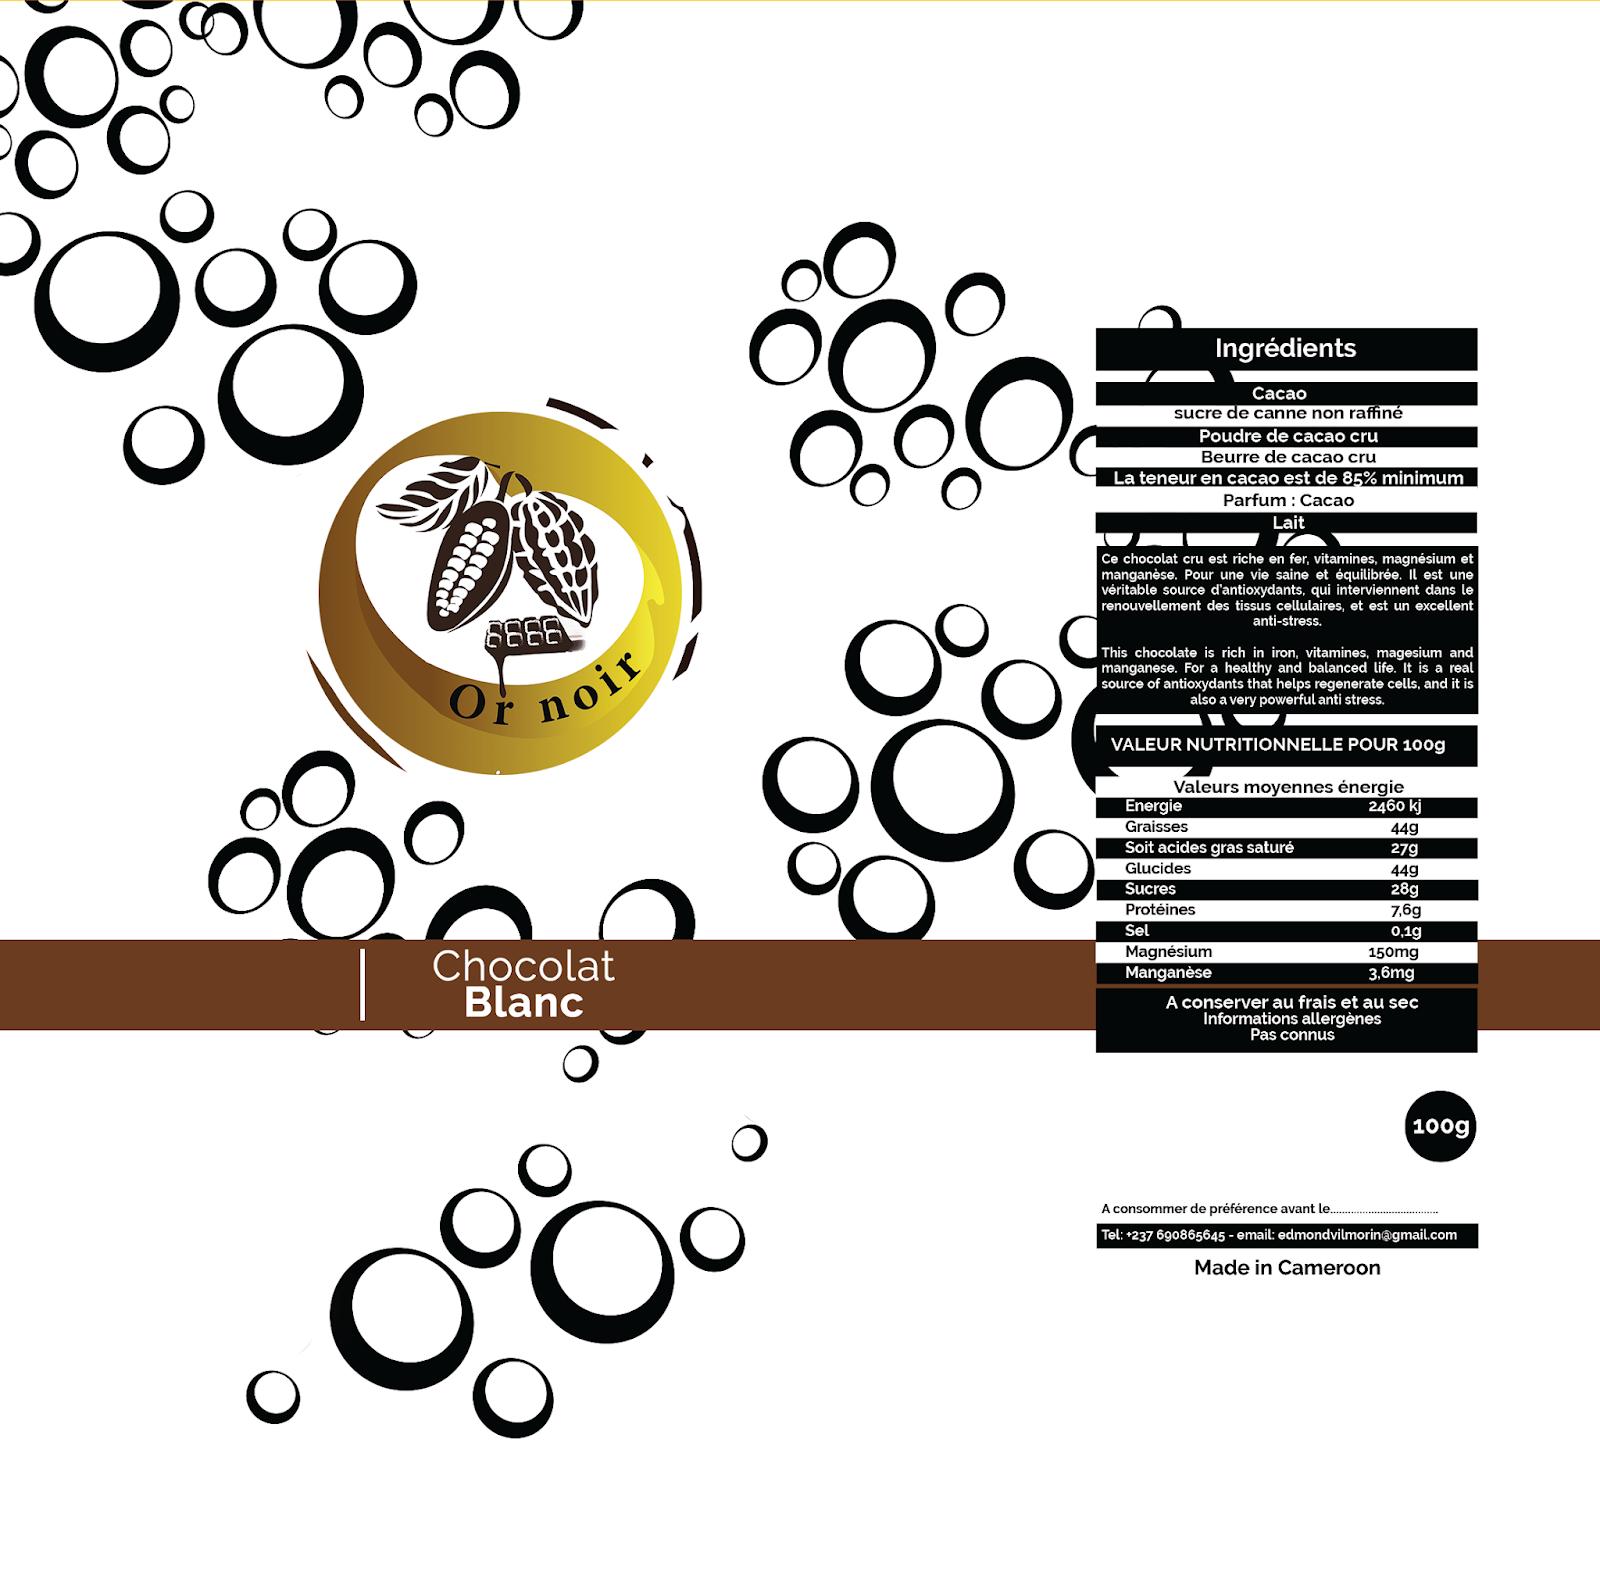 Chocolat blanc - Or noir